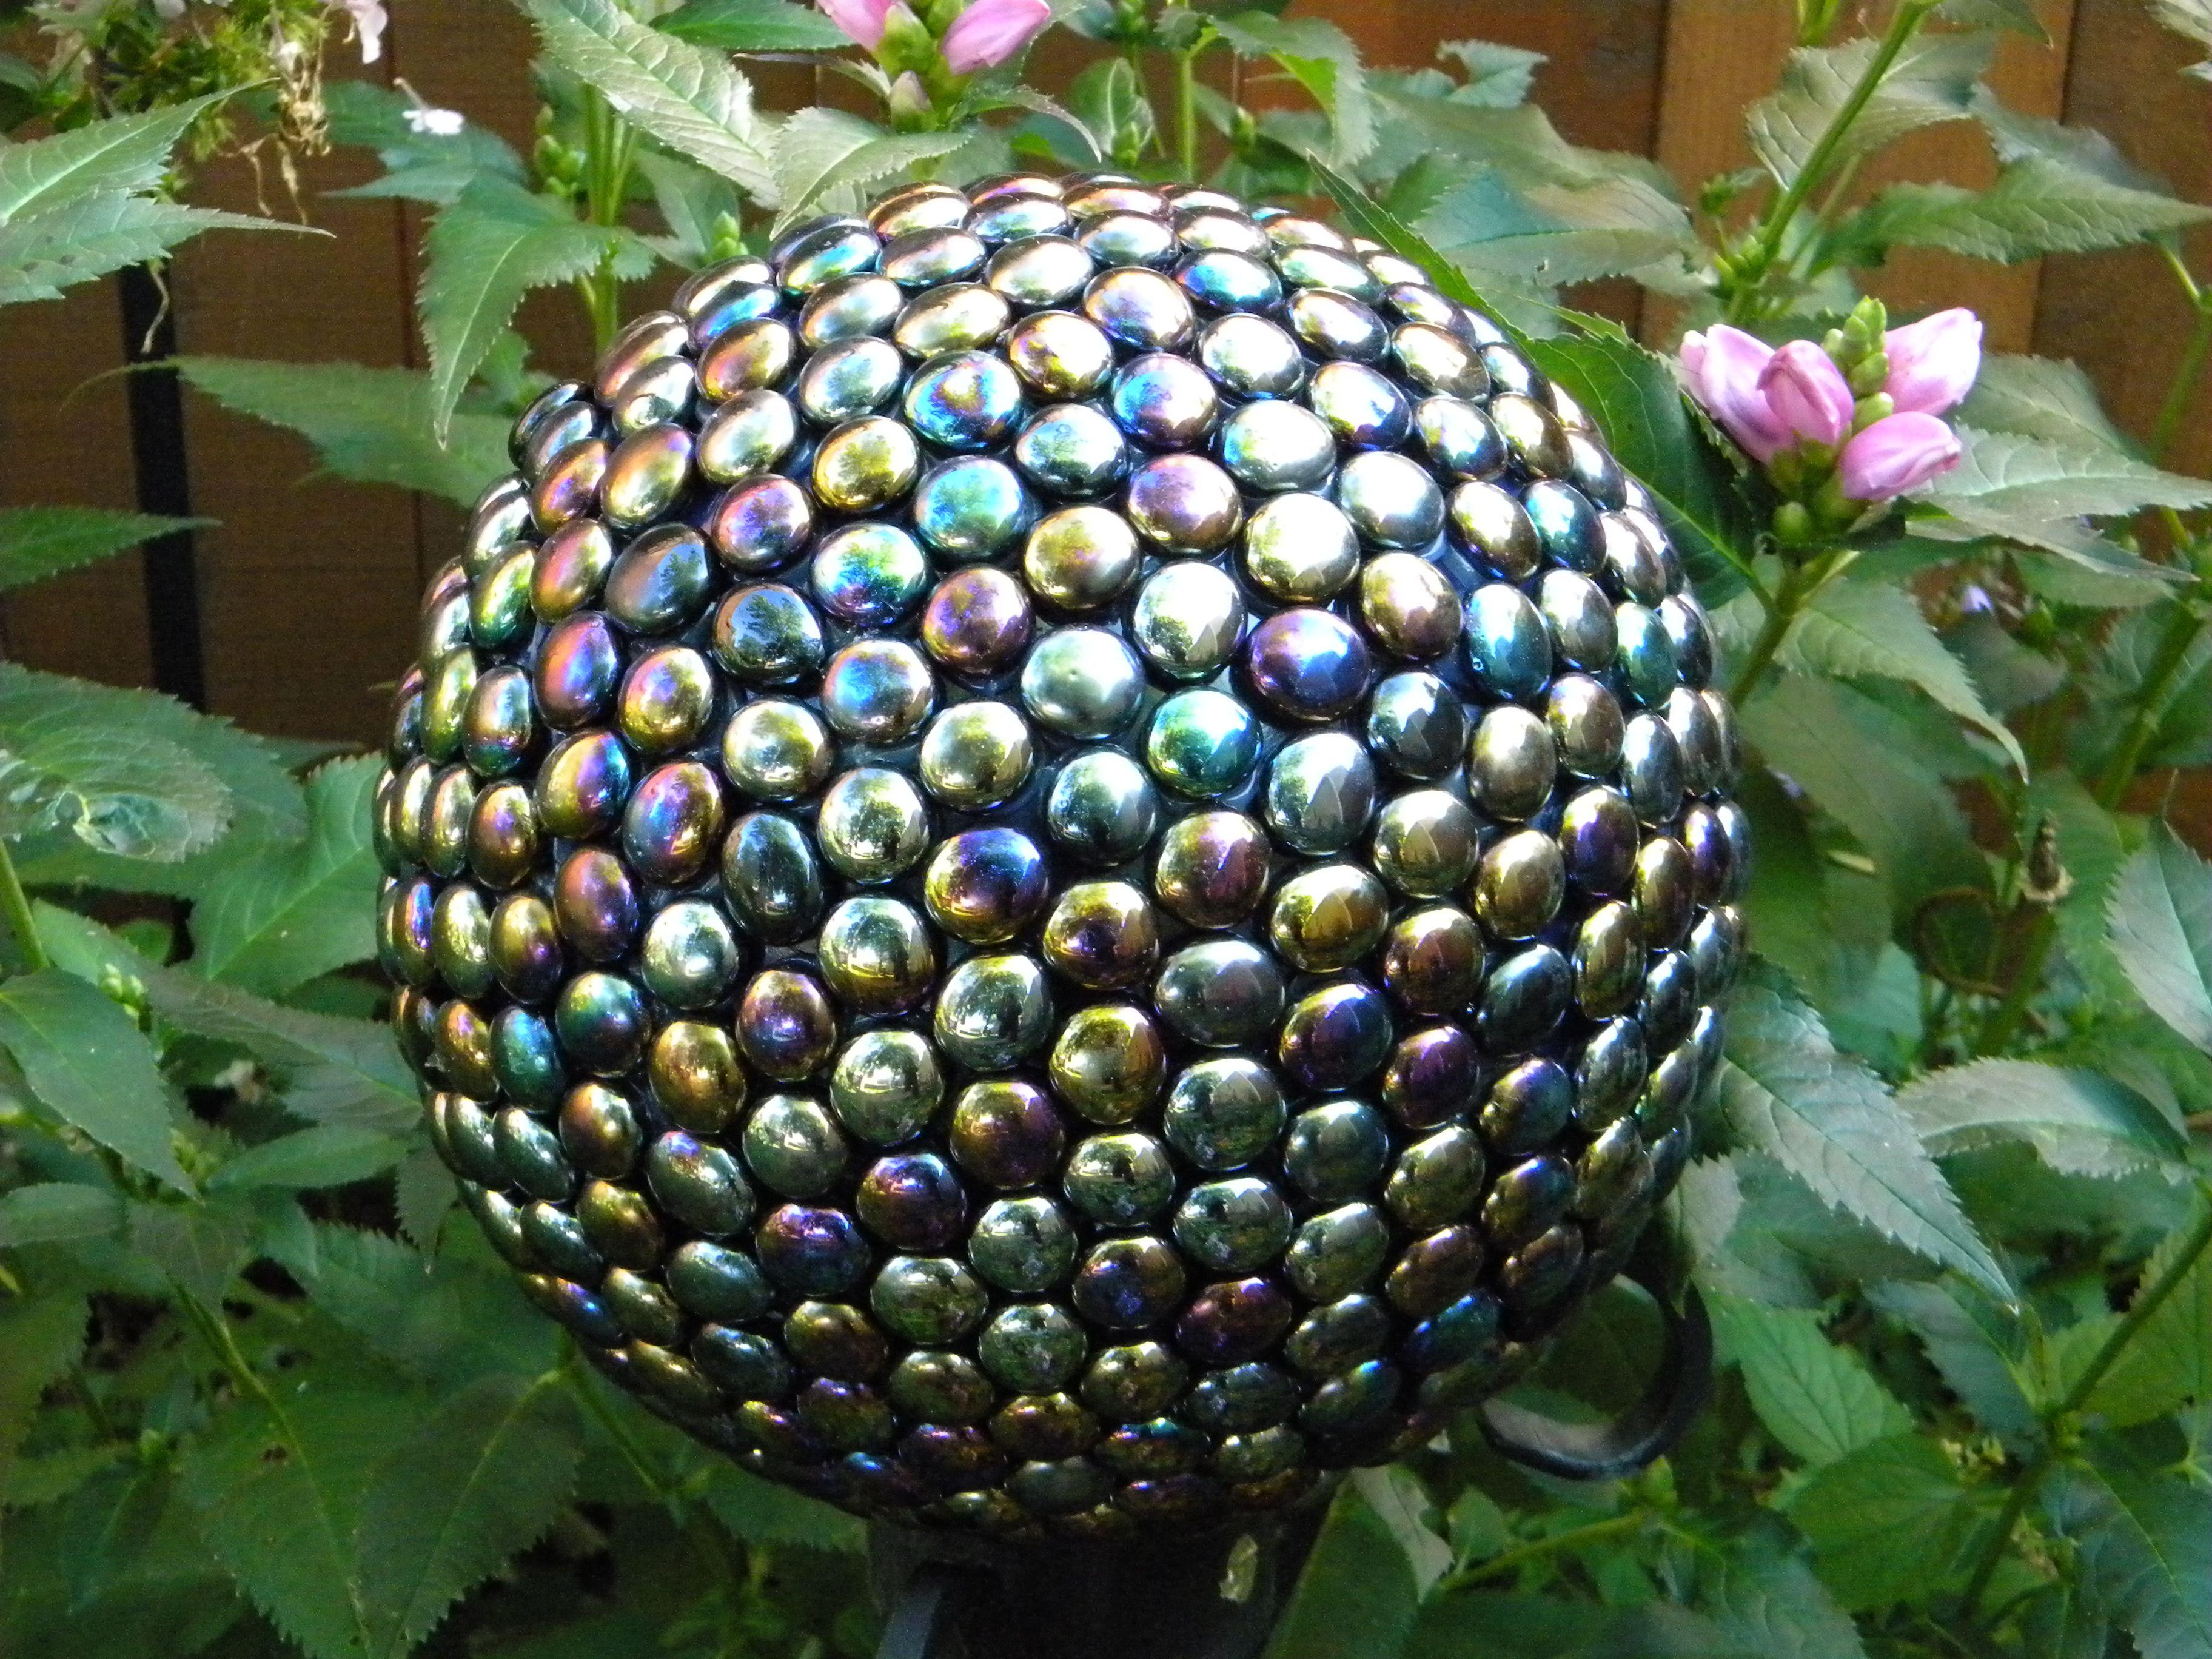 Homemade garden art ideas - My Homemade Gazing Ball